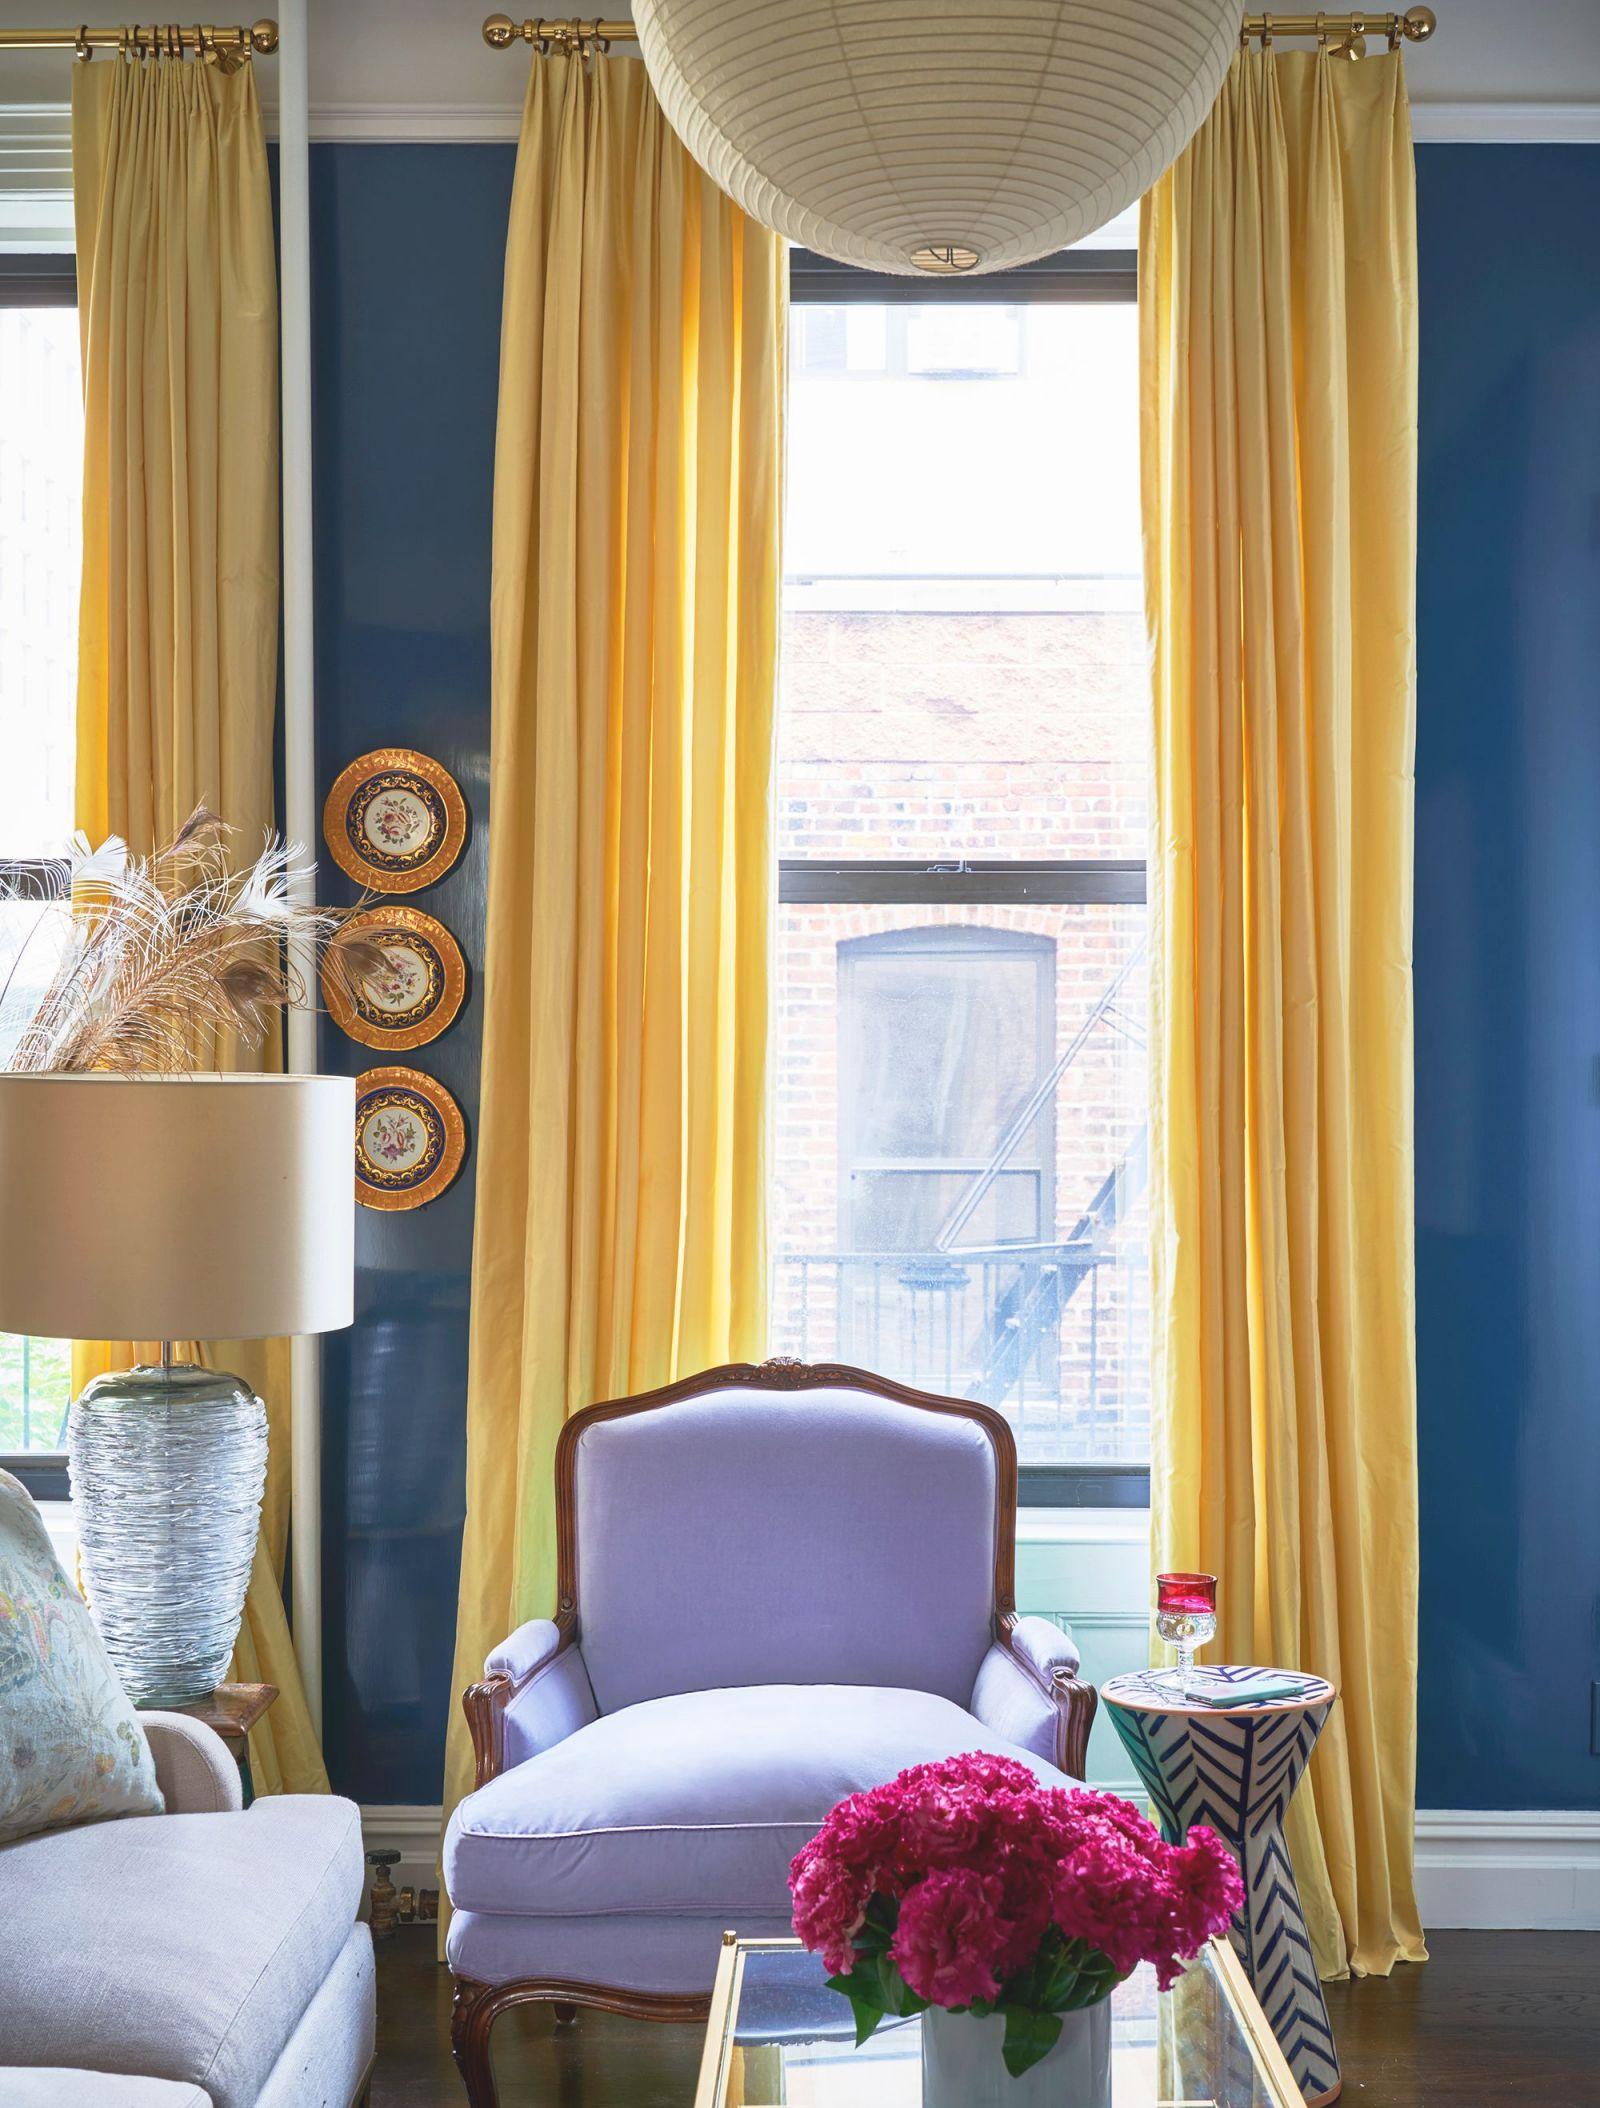 35 Best Window Treatment Ideas - Modern Window Coverings ...